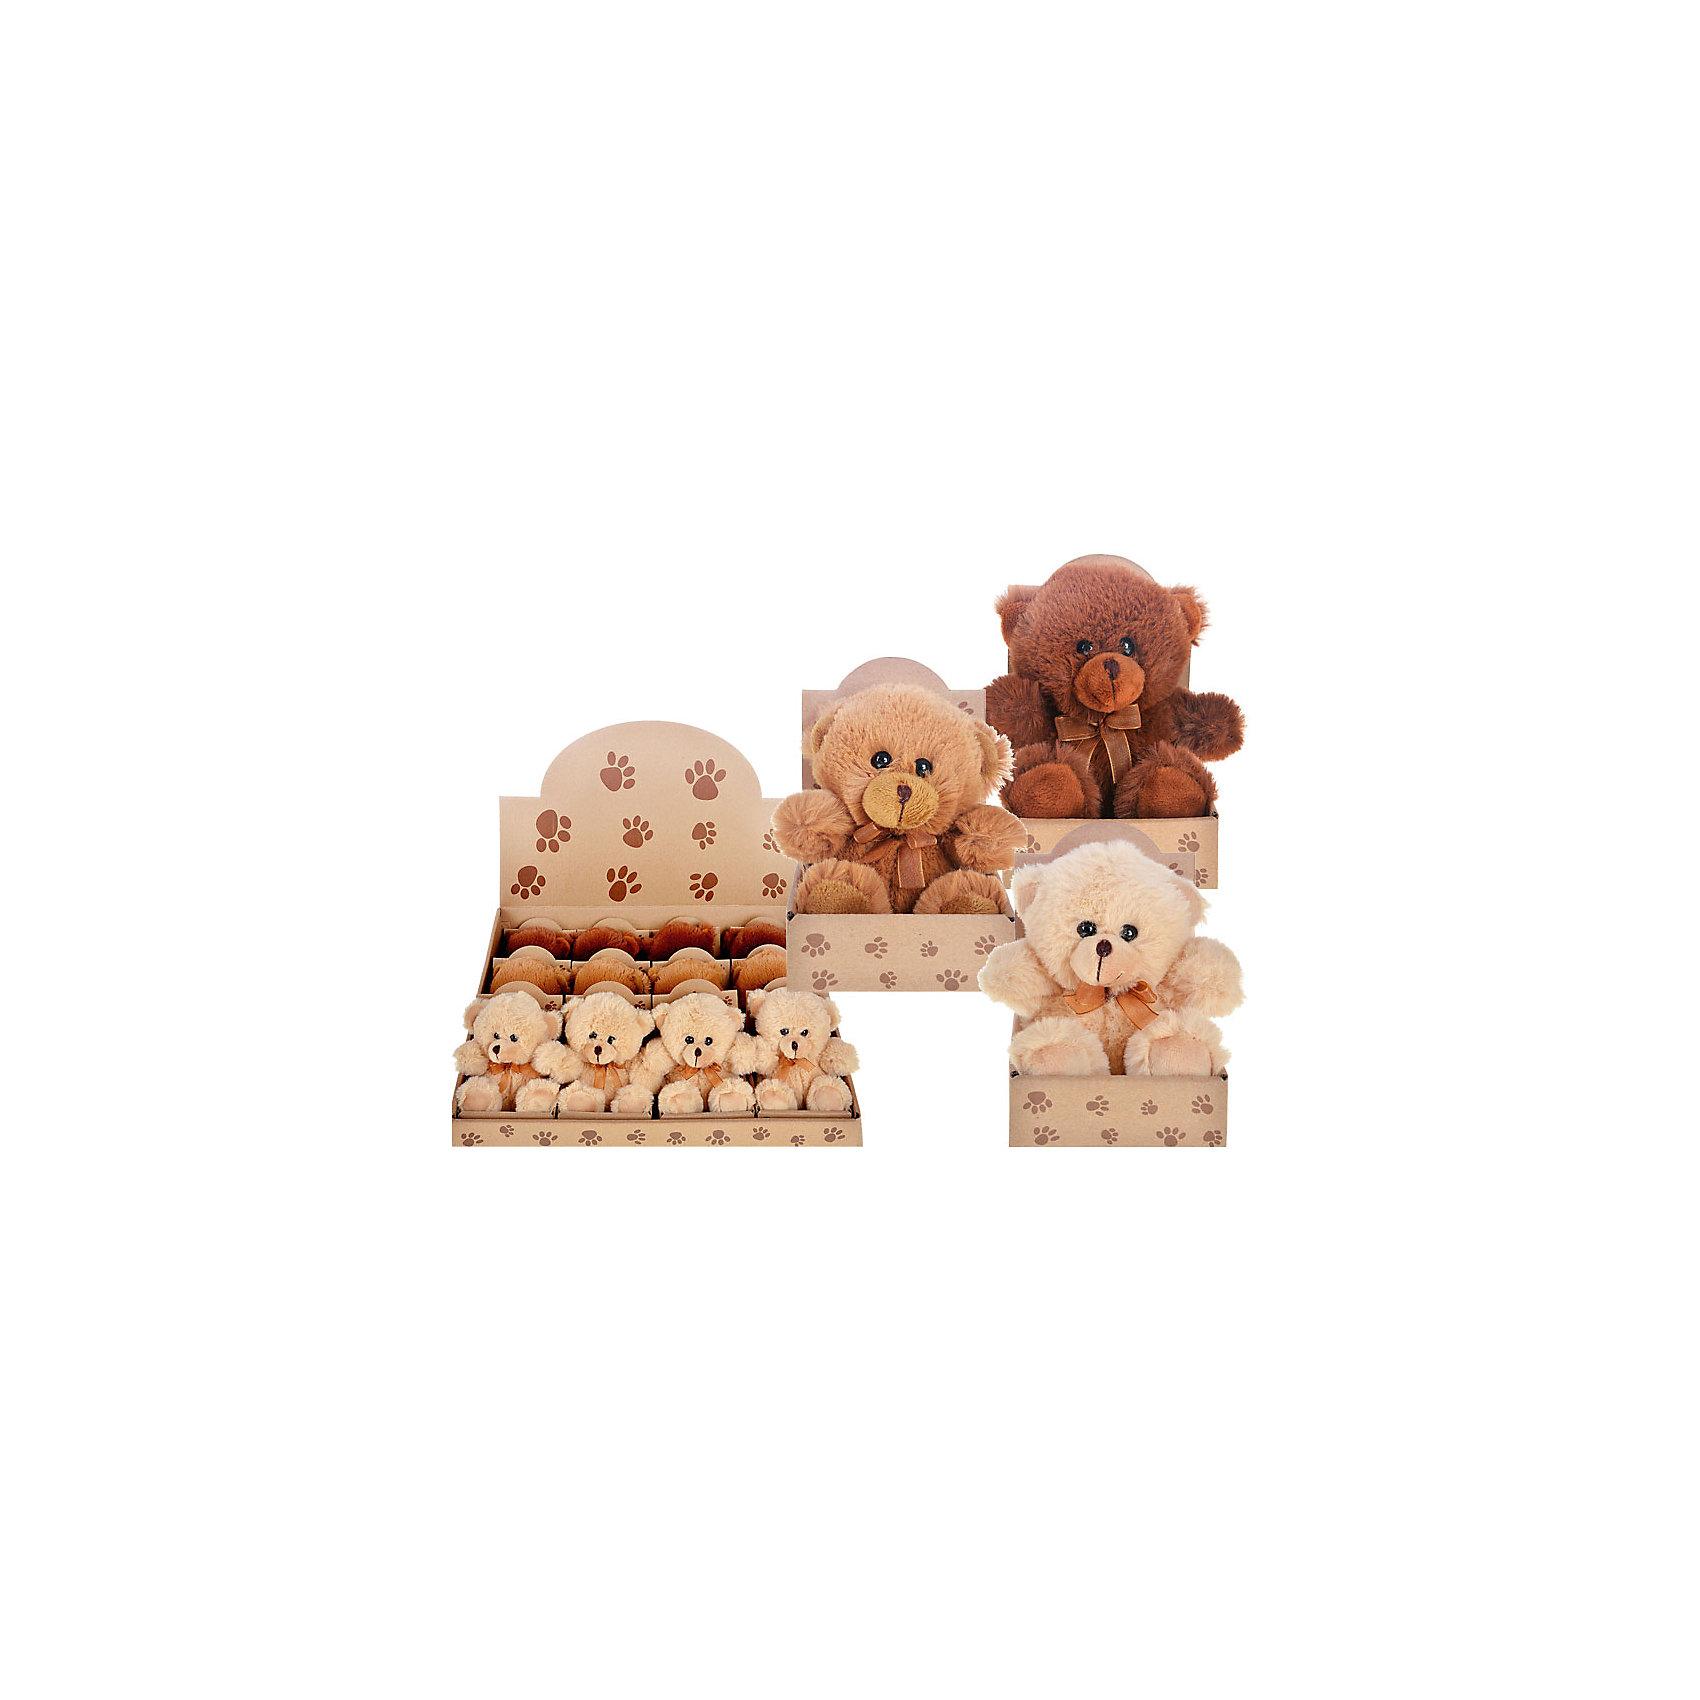 Мягкая игрушка Очаровательный мишка (цвет в ассортименте)Очаровательный мягкий мишка - прекрасный подарок на любой праздник. Дети обожают мягкие игрушки и всегда будут рады новому плюшевому или меховому другу! Игрушка выполнена из высококачественных экологичных материалов, плотно набита, приятна на ощупь. <br><br>Дополнительная информация:<br><br>- Материал: текстиль, пластик, синтепон.<br>- Размер: 12,5х7,5х10 см. <br>- 3 цвета в ассортименте: коричневый, светло-коричневый, бежевый.<br><br>ВНИМАНИЕ! Данный артикул представлен в разных вариантах исполнения. К сожалению, заранее выбрать определенный вариант невозможно. При заказе нескольких игрушек возможно получение одинаковых.<br><br>Мягкую игрушку Мишка (3 цвета в ассортименте) можно купить в нашем магазине.<br><br>Ширина мм: 120<br>Глубина мм: 90<br>Высота мм: 120<br>Вес г: 98<br>Возраст от месяцев: 36<br>Возраст до месяцев: 144<br>Пол: Унисекс<br>Возраст: Детский<br>SKU: 4558385